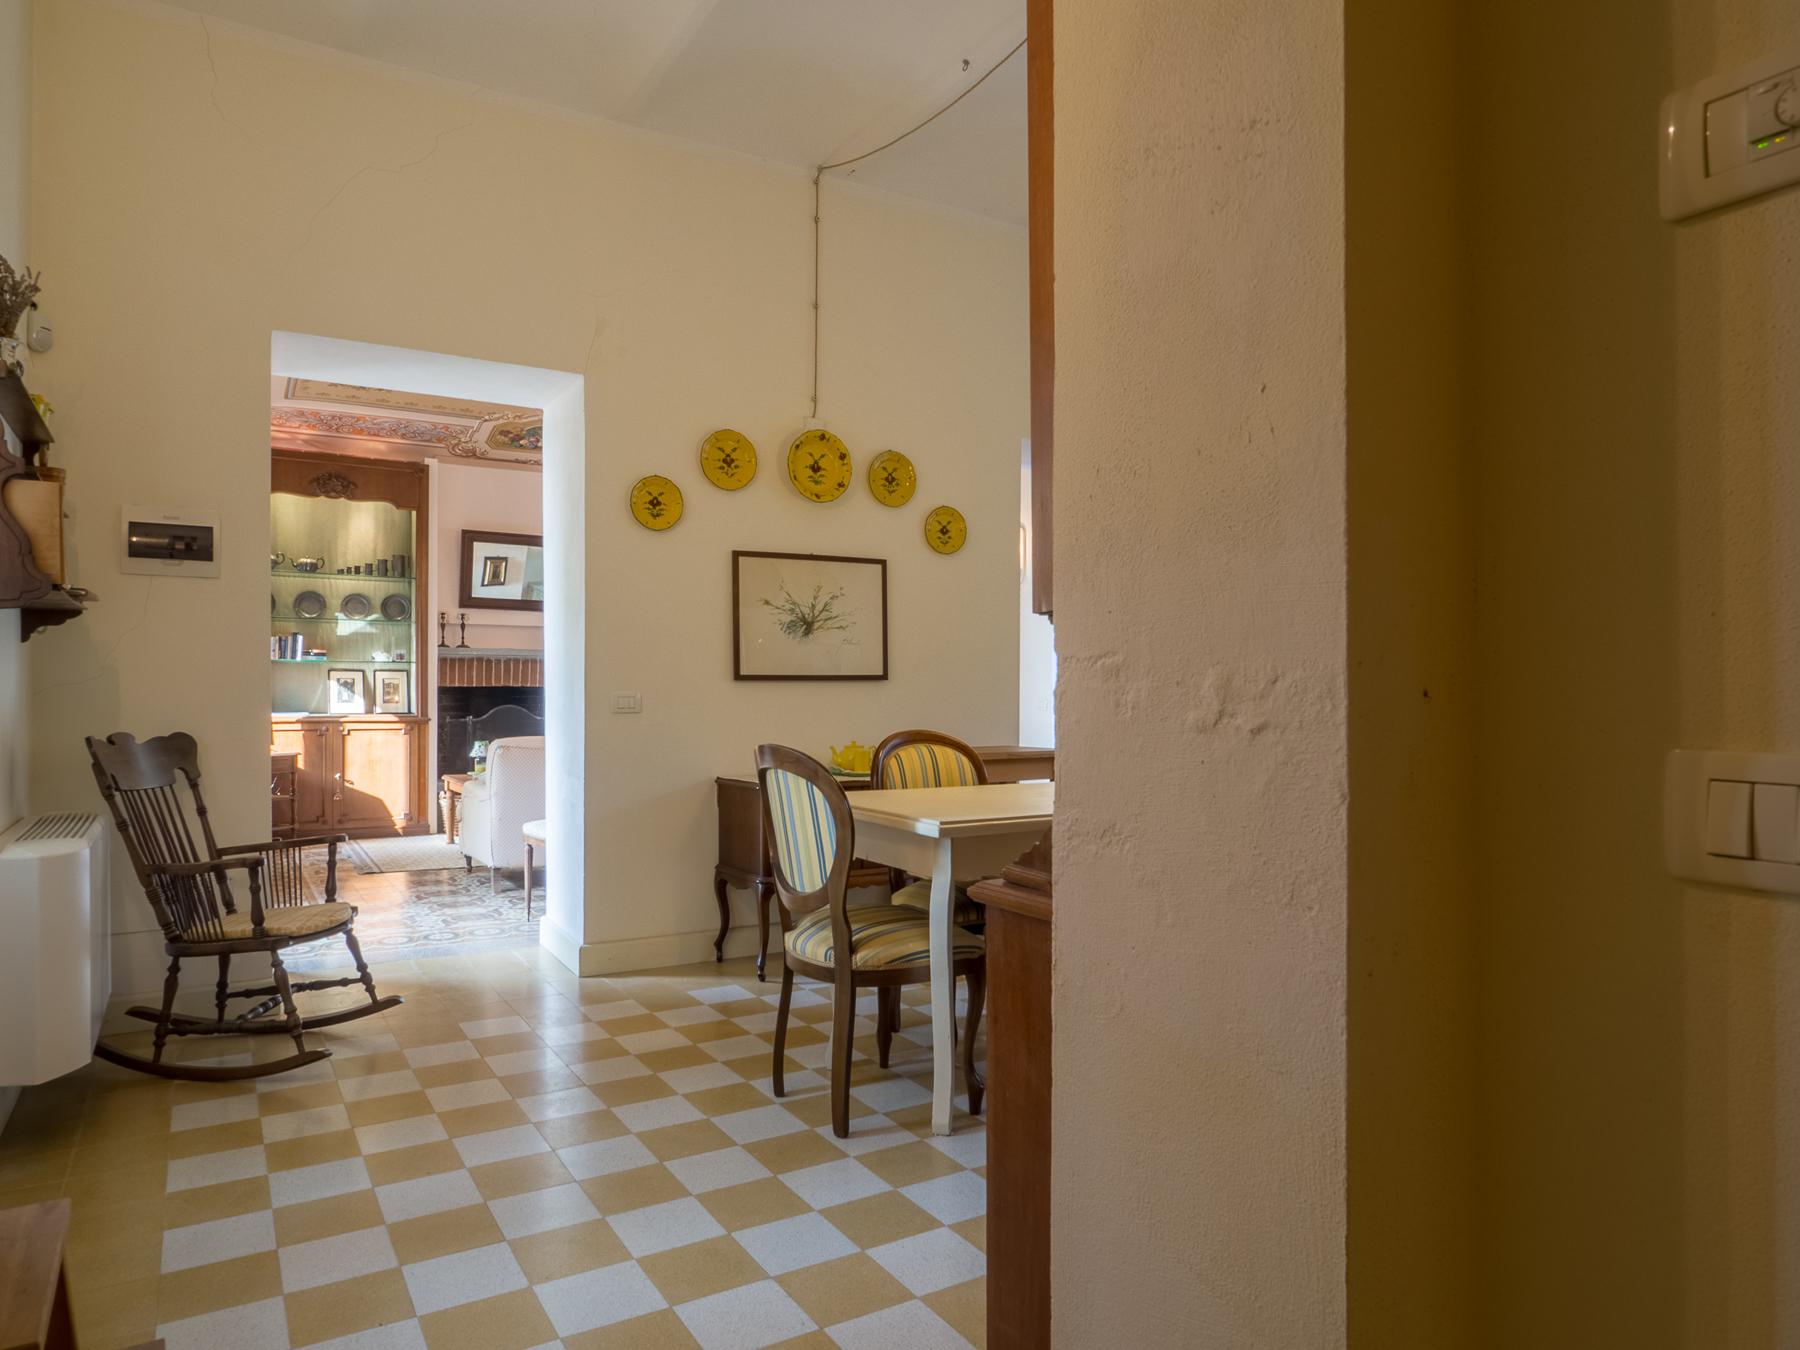 Appartamento in Vendita a Vignale Monferrato: 5 locali, 140 mq - Foto 8